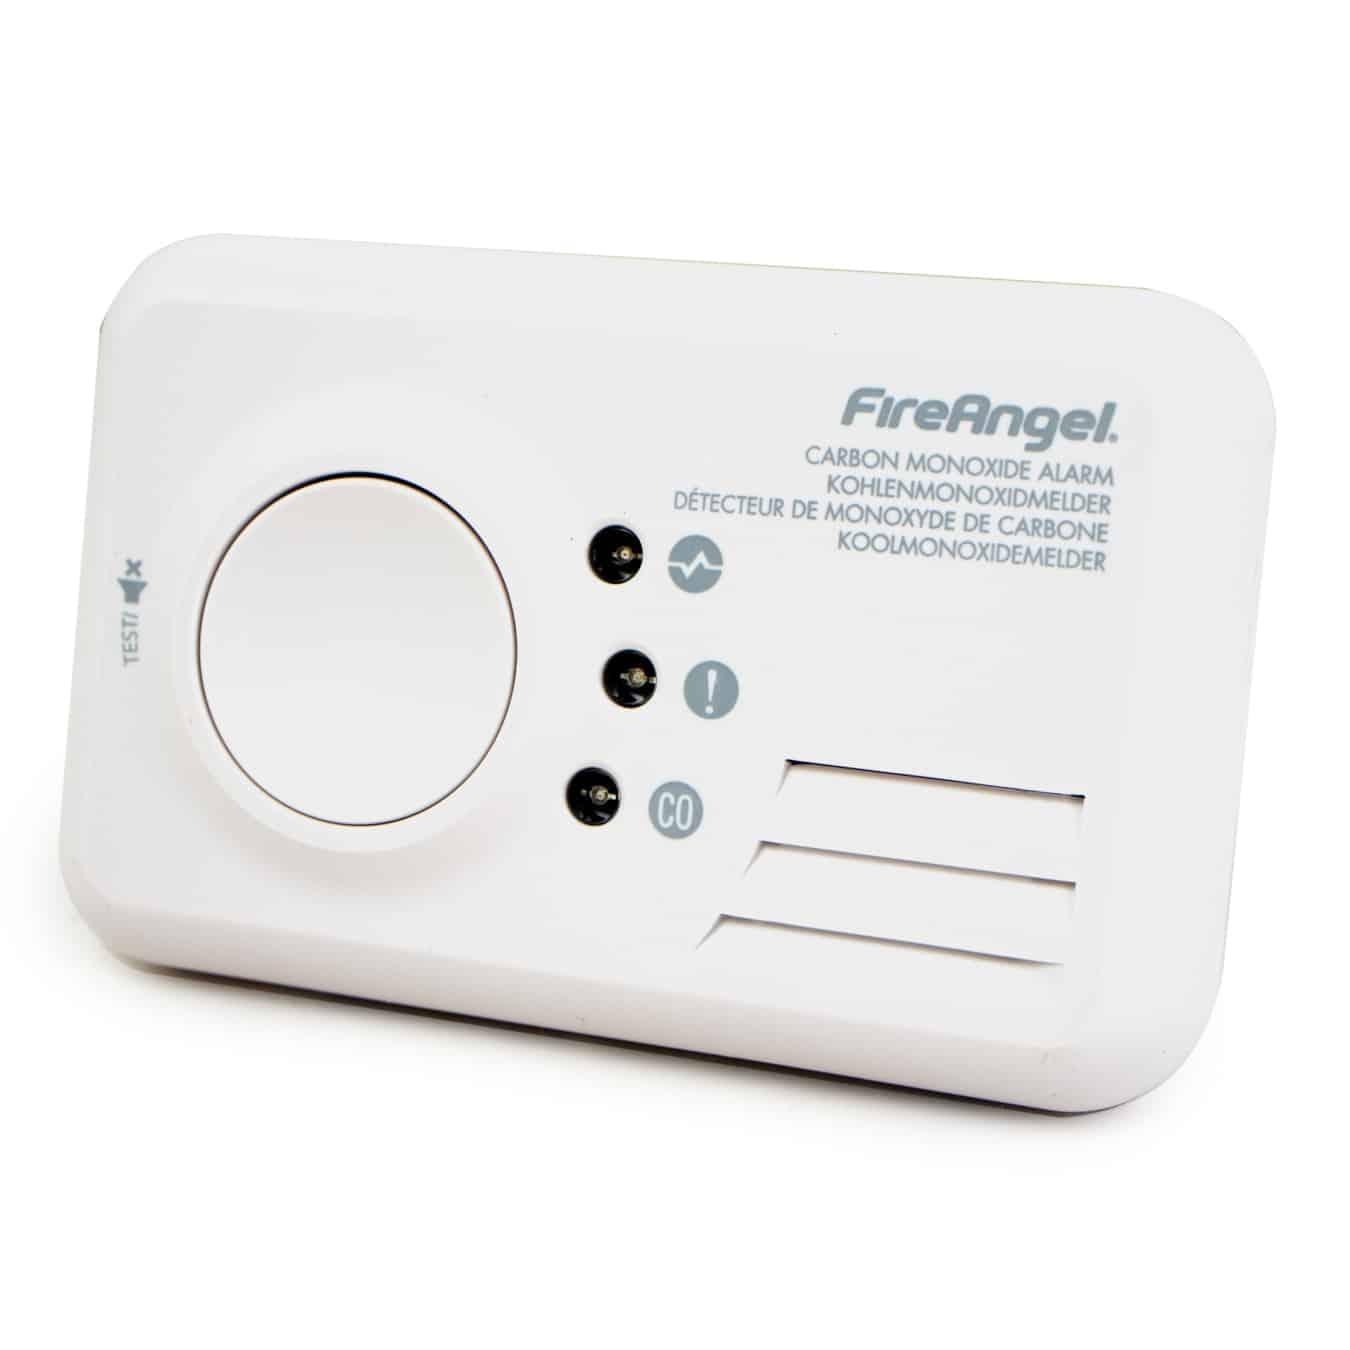 Koop FireAngel CO-9X-10 Koolmonoxidemelder